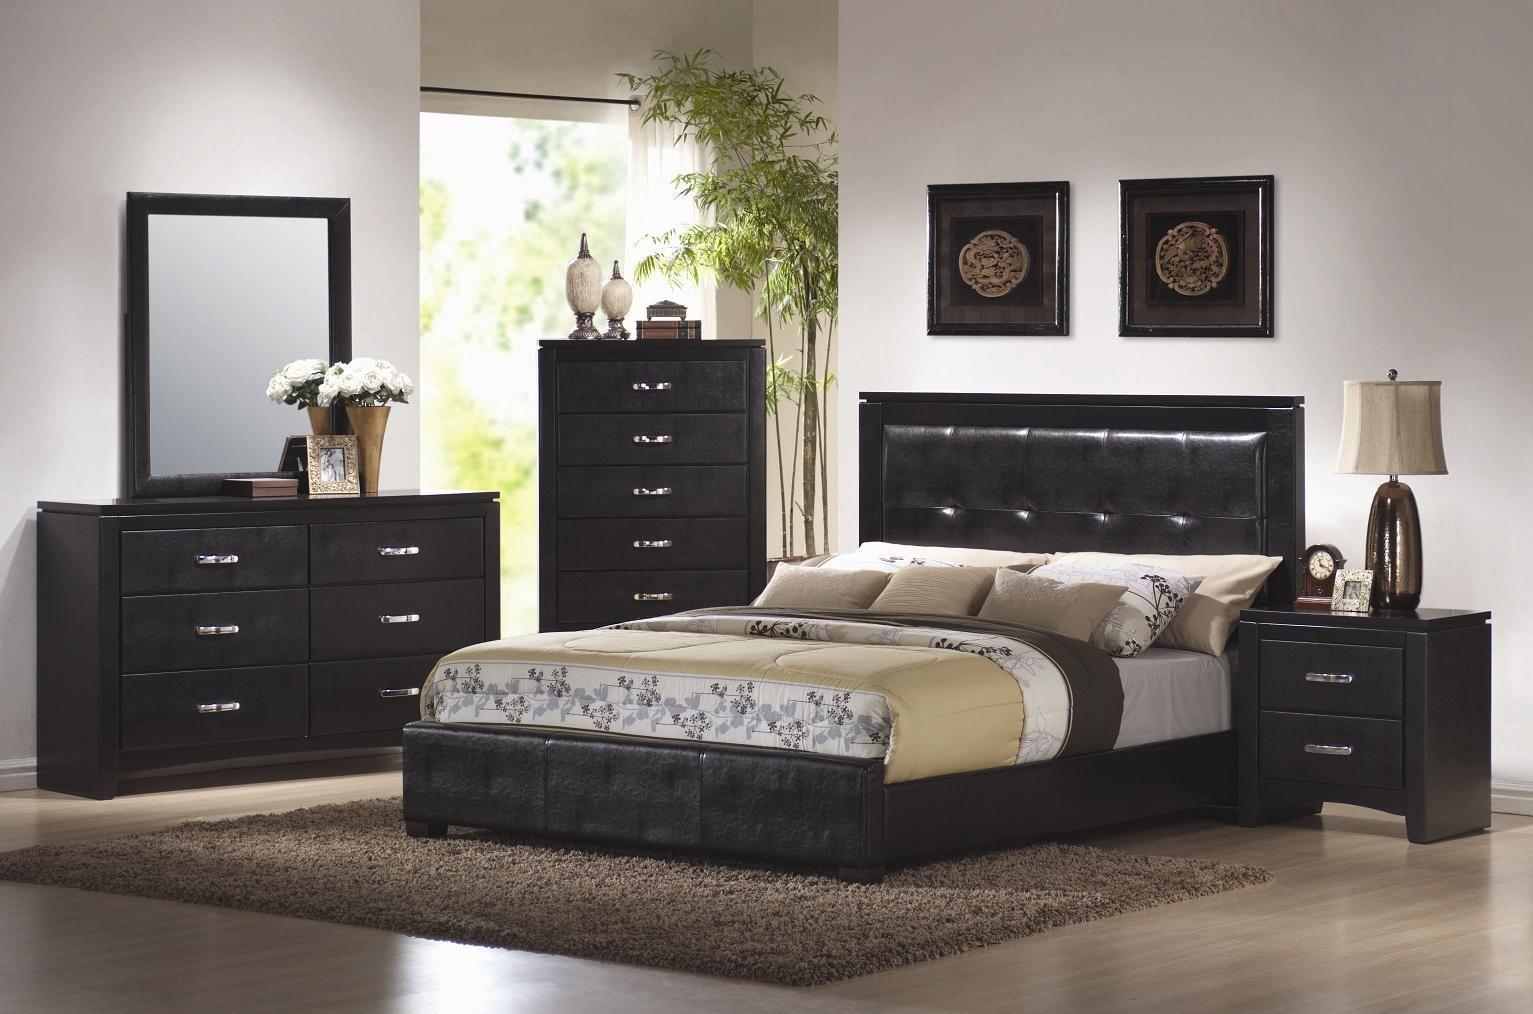 Coaster Dylan Platform Bedroom Set in Black 201401 | Stuff to Buy ...